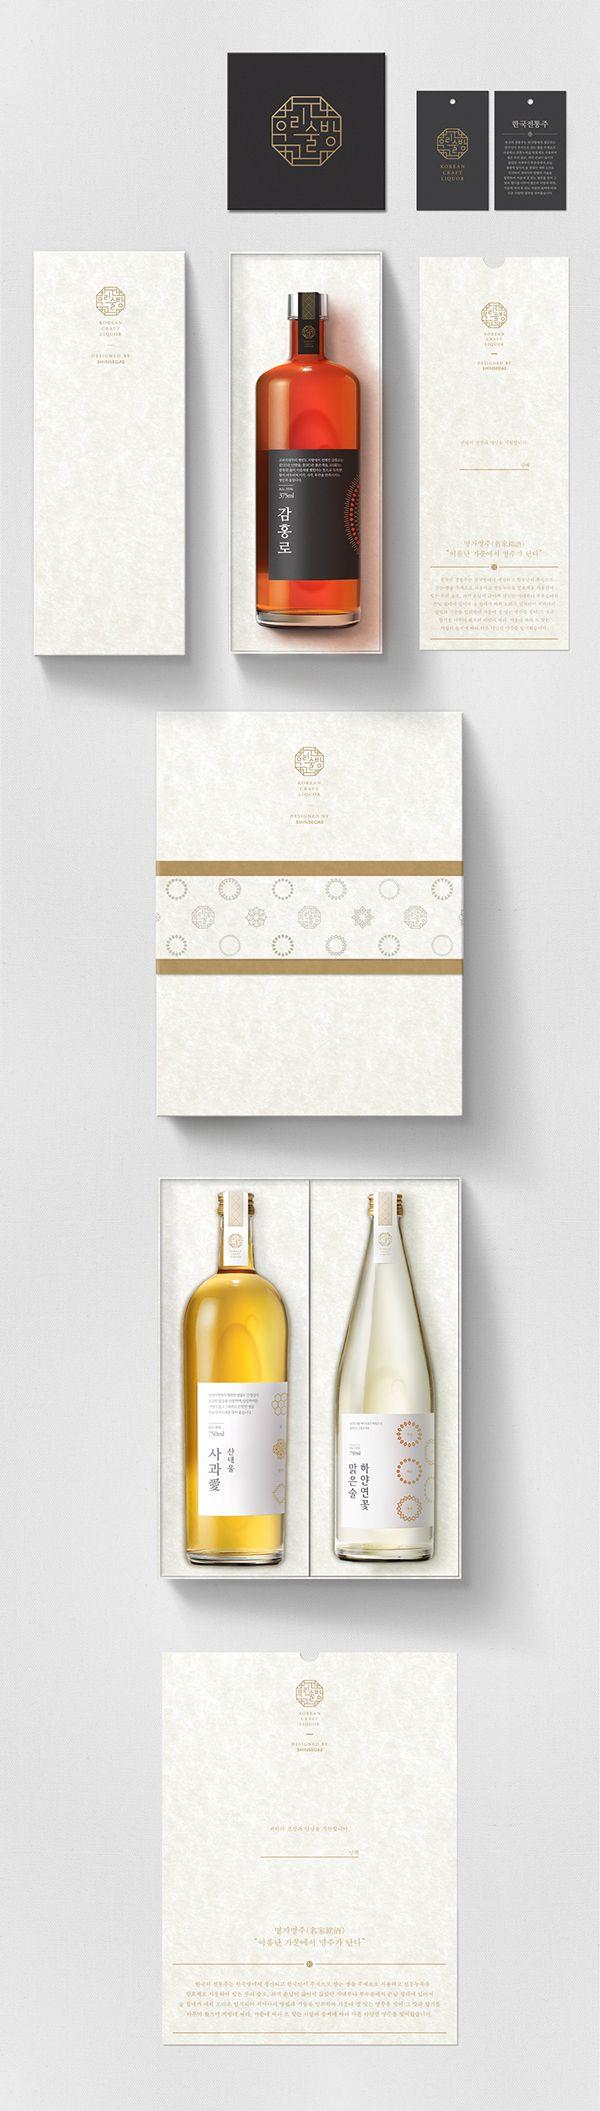 Korean Craft Liquor Brand & Bottle, Packaging Design